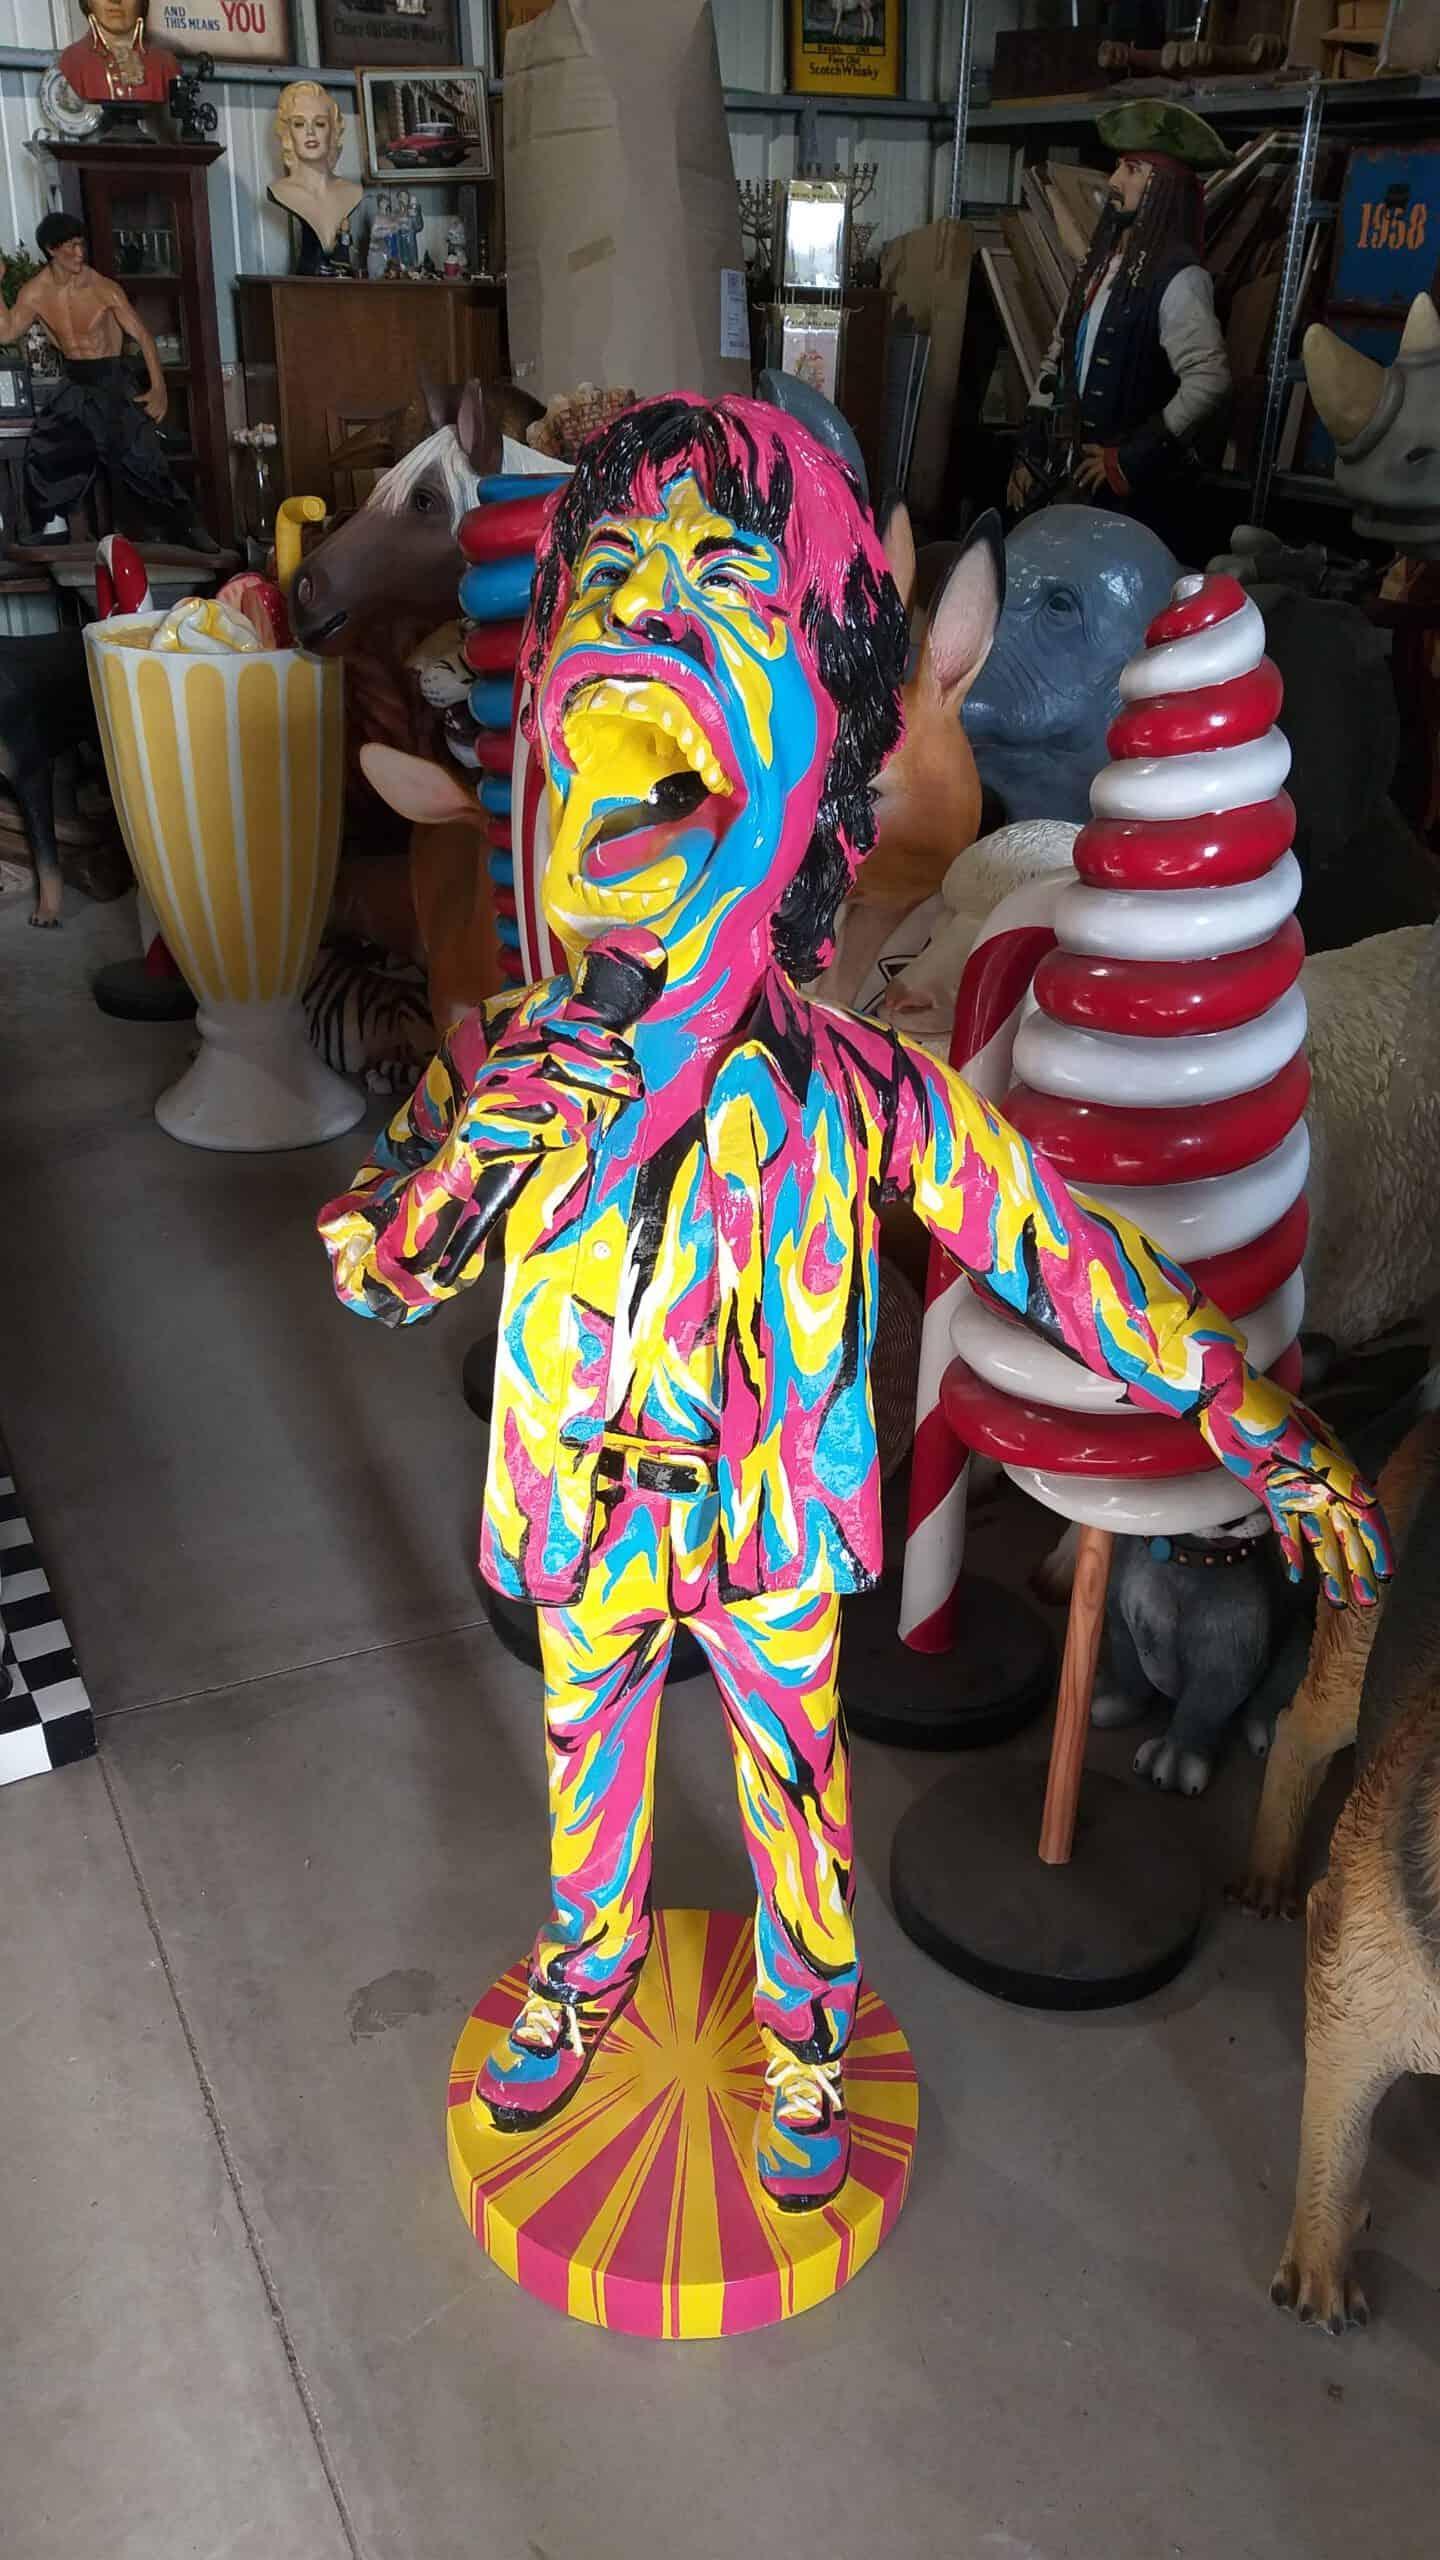 פסל של מיק ג'אגר בפופ ארט